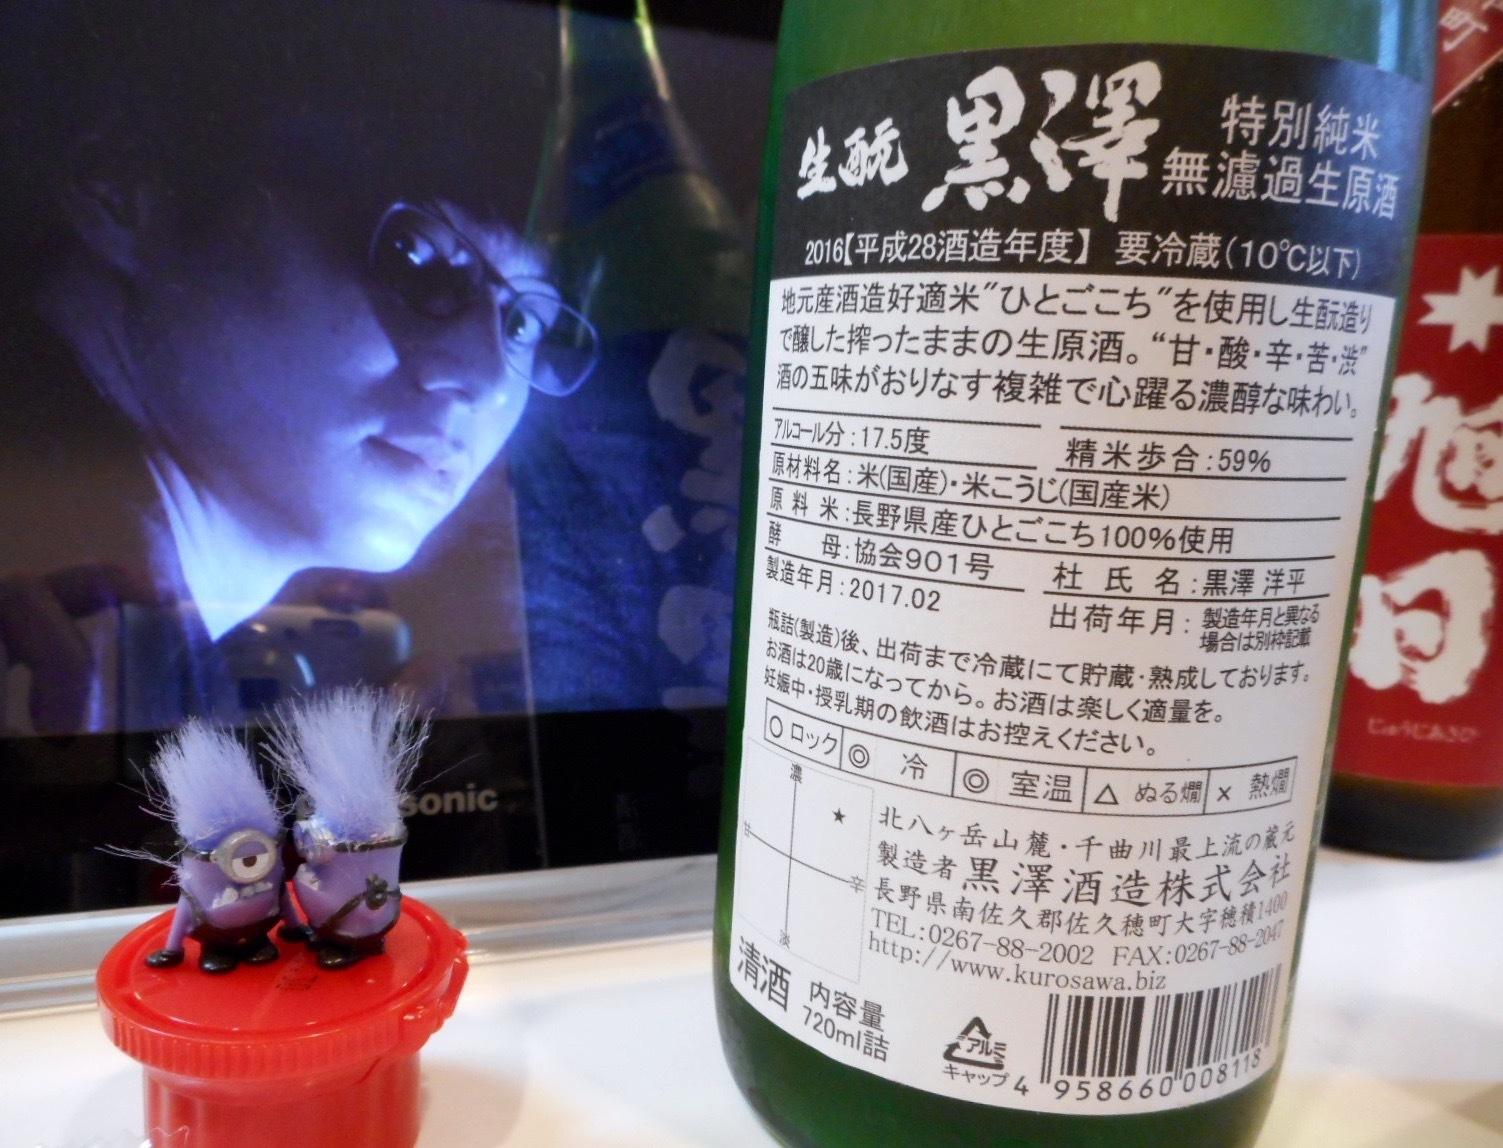 kurosawa_tokujun_nama28by2.jpg